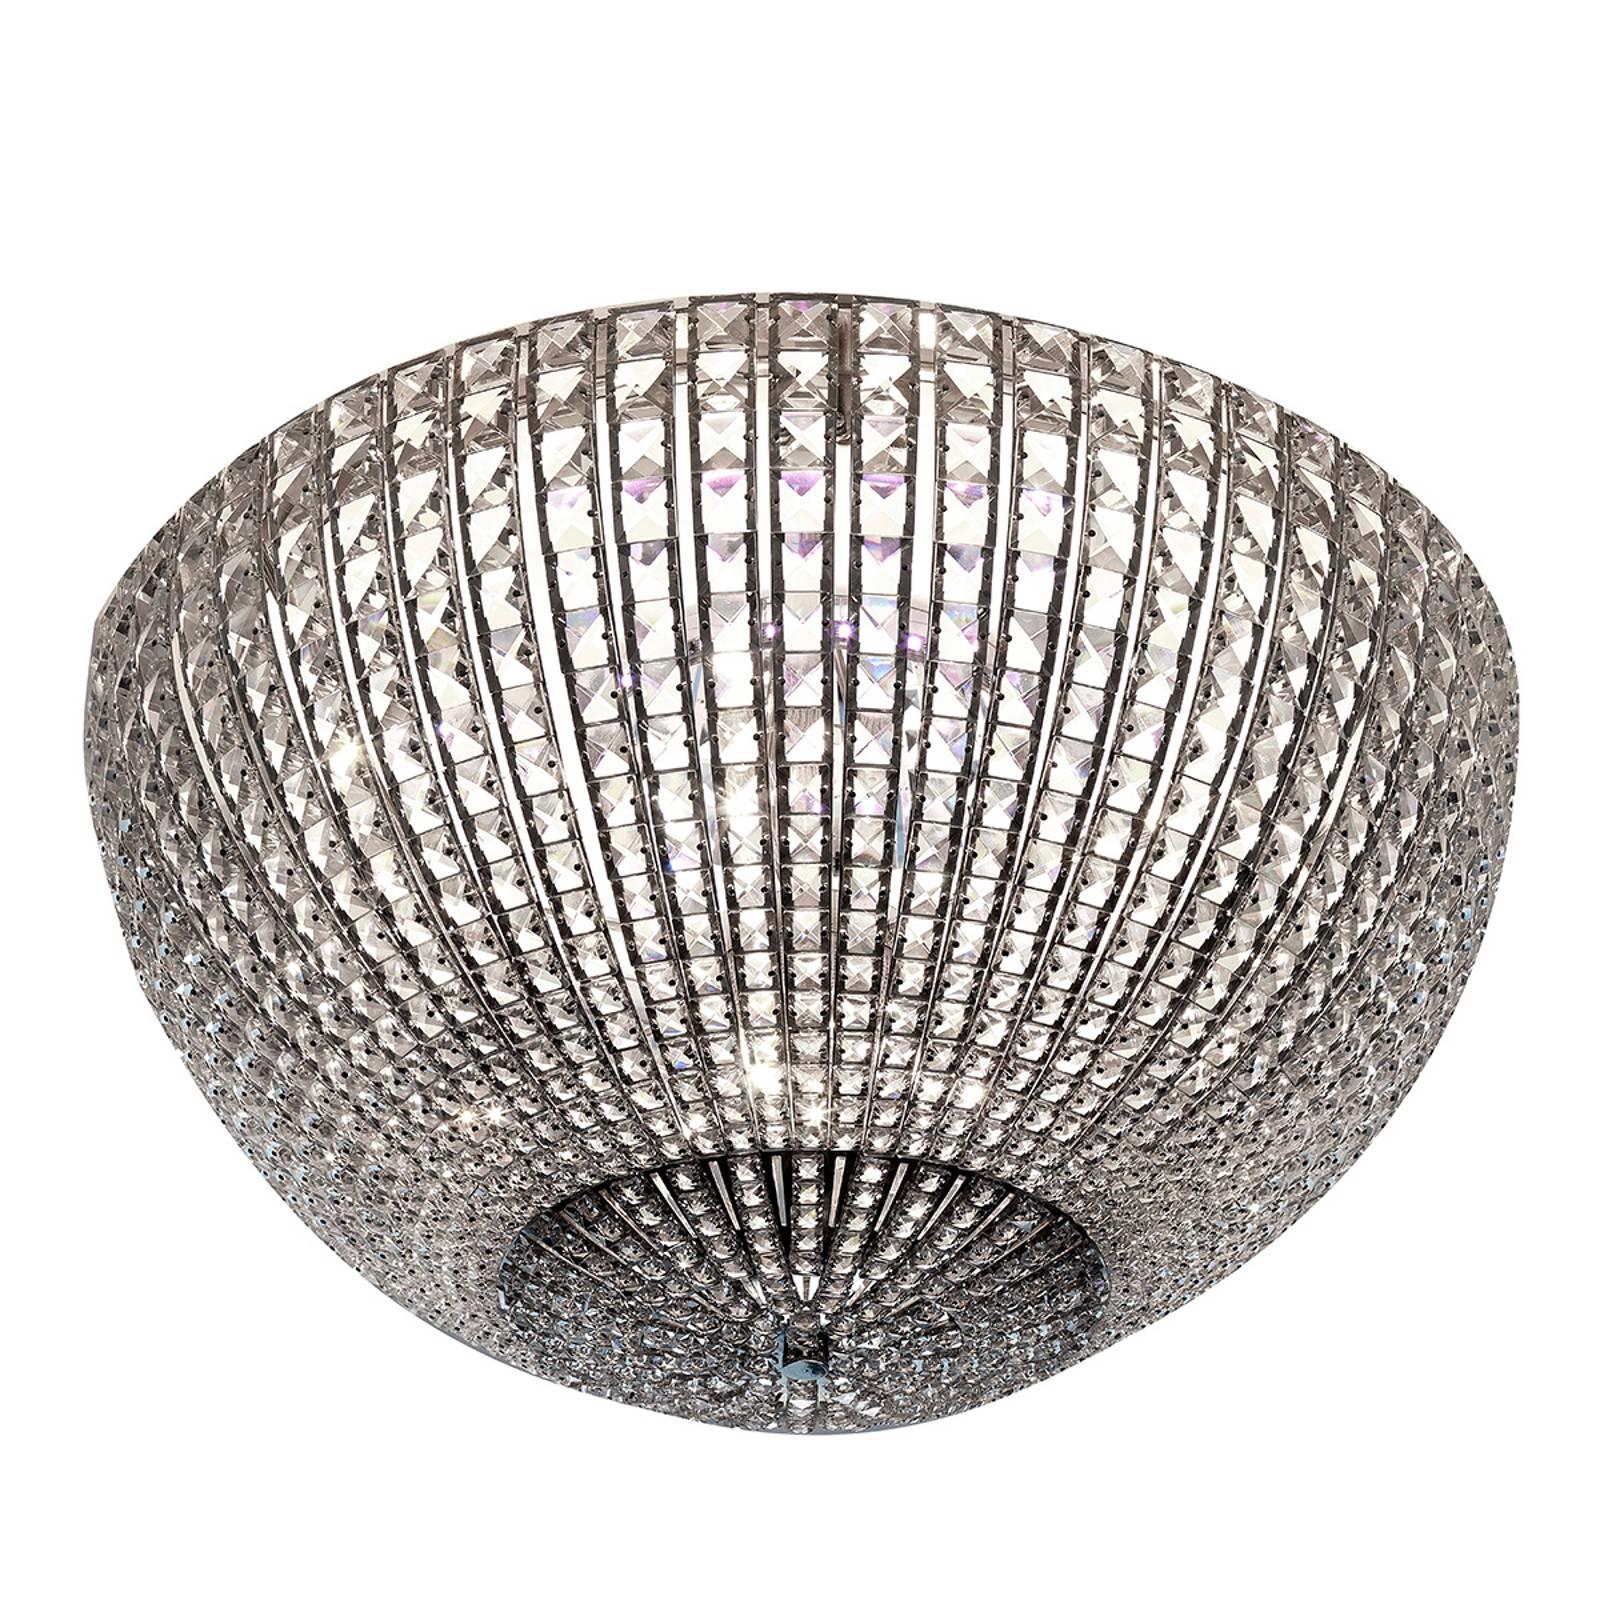 deckenlampen von marchetti und andere lampen f r wohnzimmer online kaufen bei m bel garten. Black Bedroom Furniture Sets. Home Design Ideas